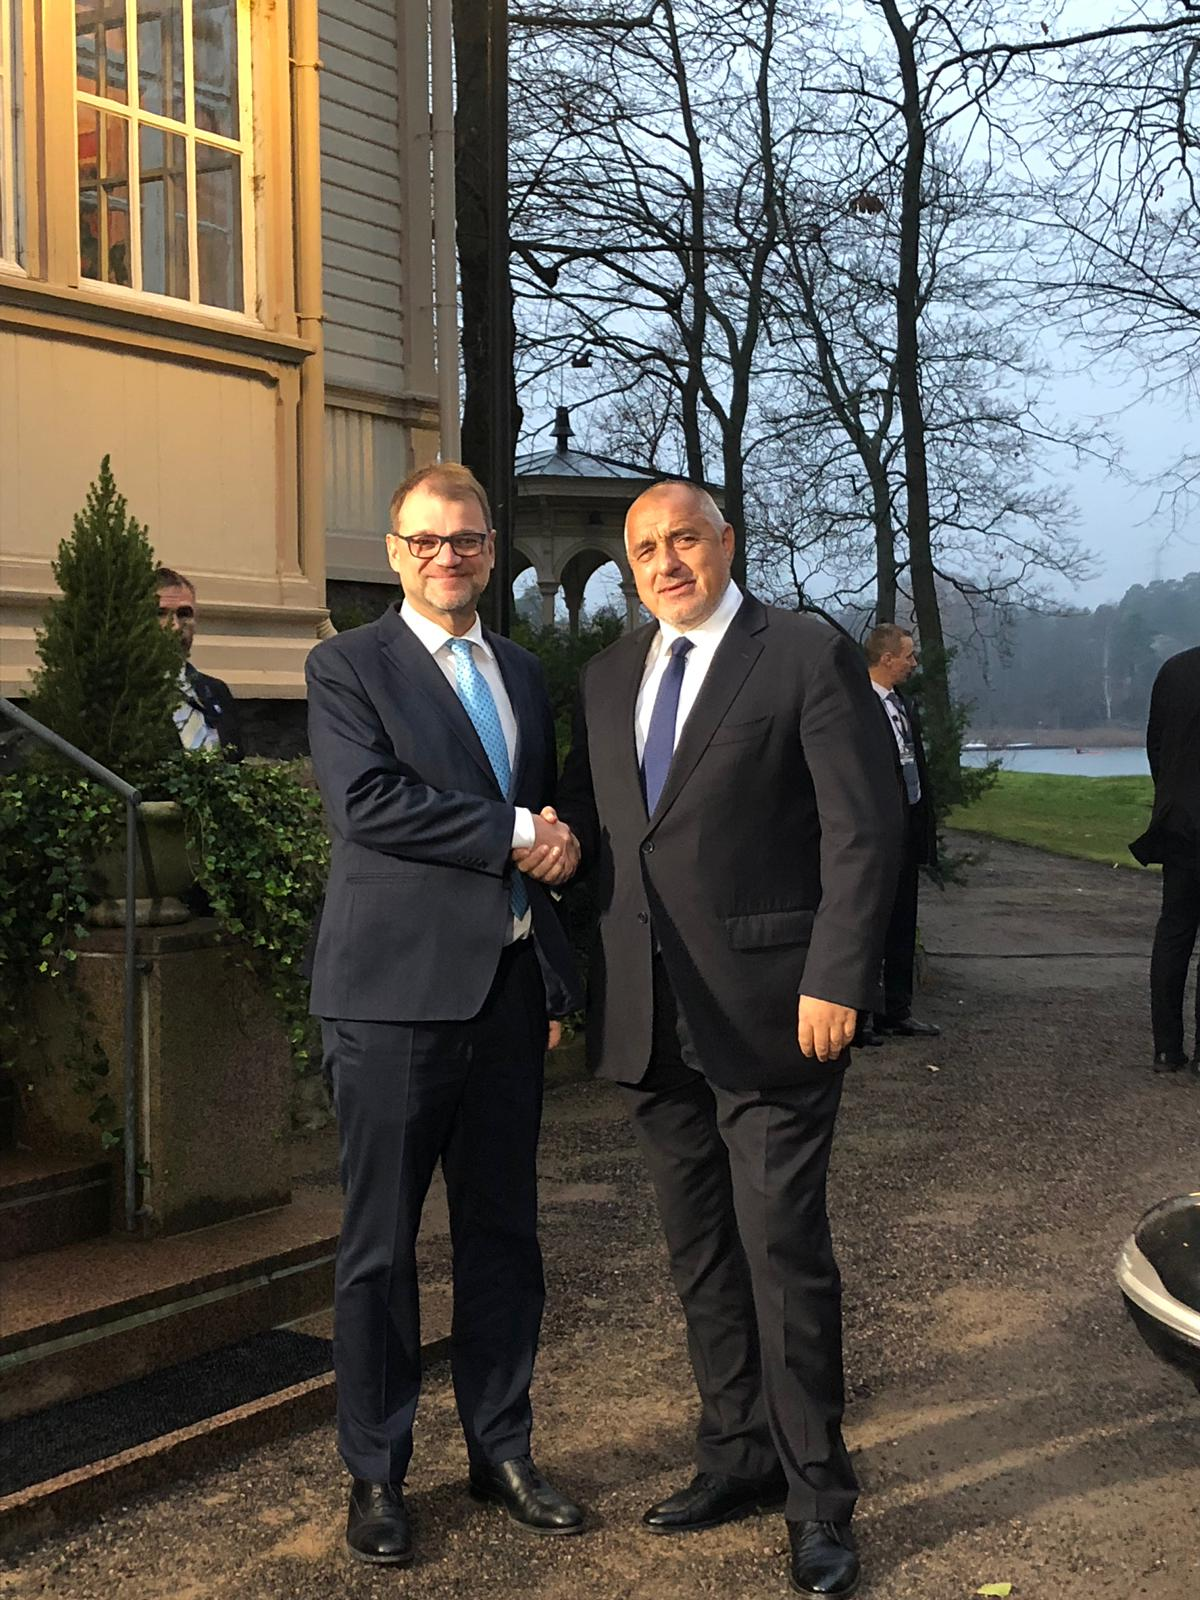 Българският премиер е на работно посещение във Финландия, където участва и в Конгреса на Европейската народна партия. Форумът трябва да определи водещия кандидат на партията за предстоящите през май евроизбори